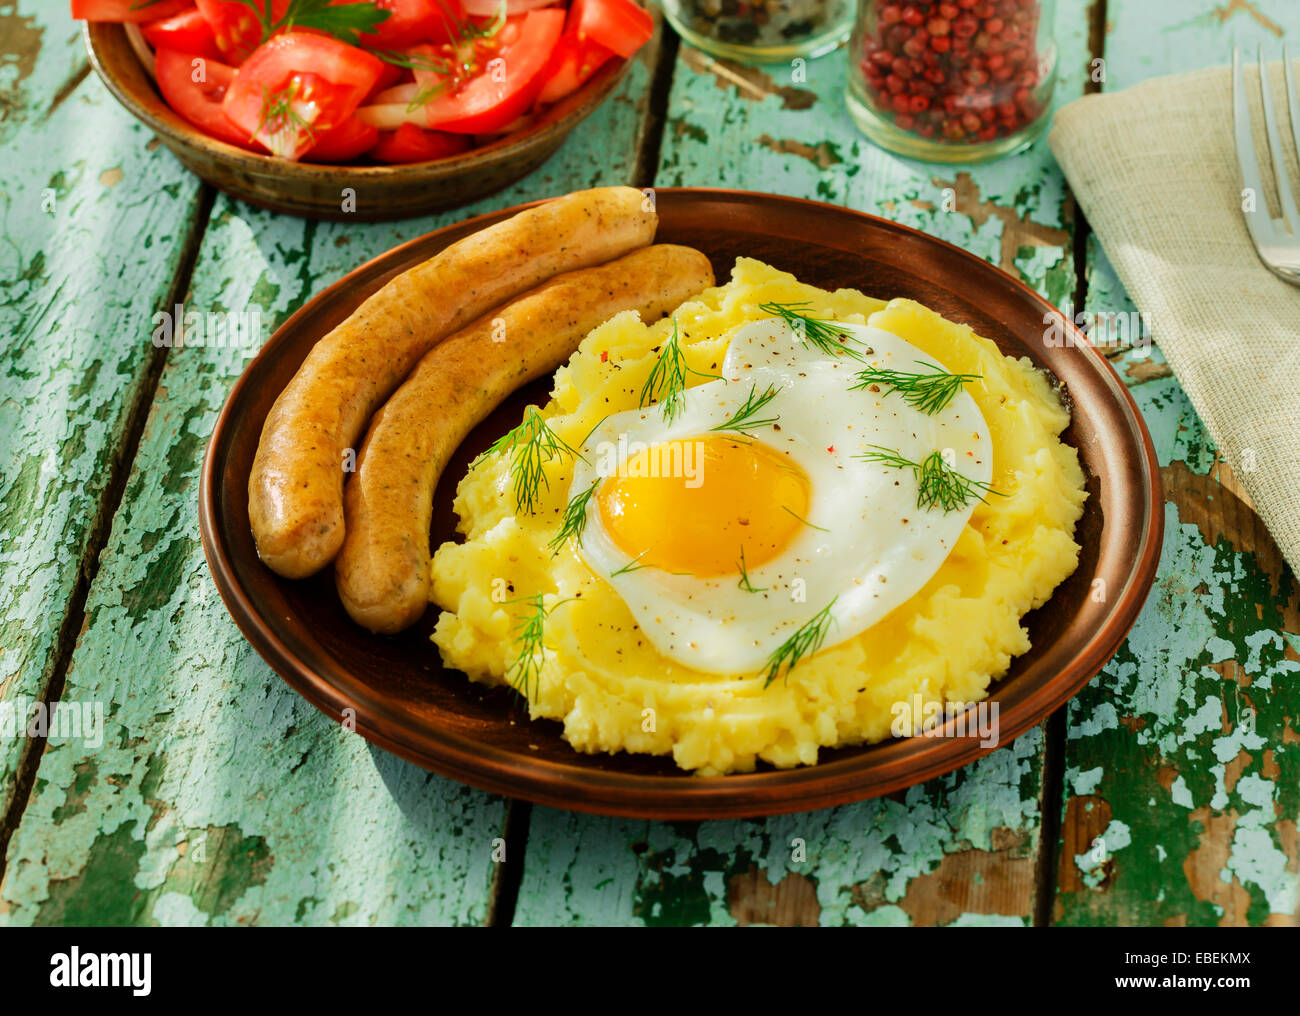 Puré de patatas con huevo frito y salchichas. Imagen De Stock